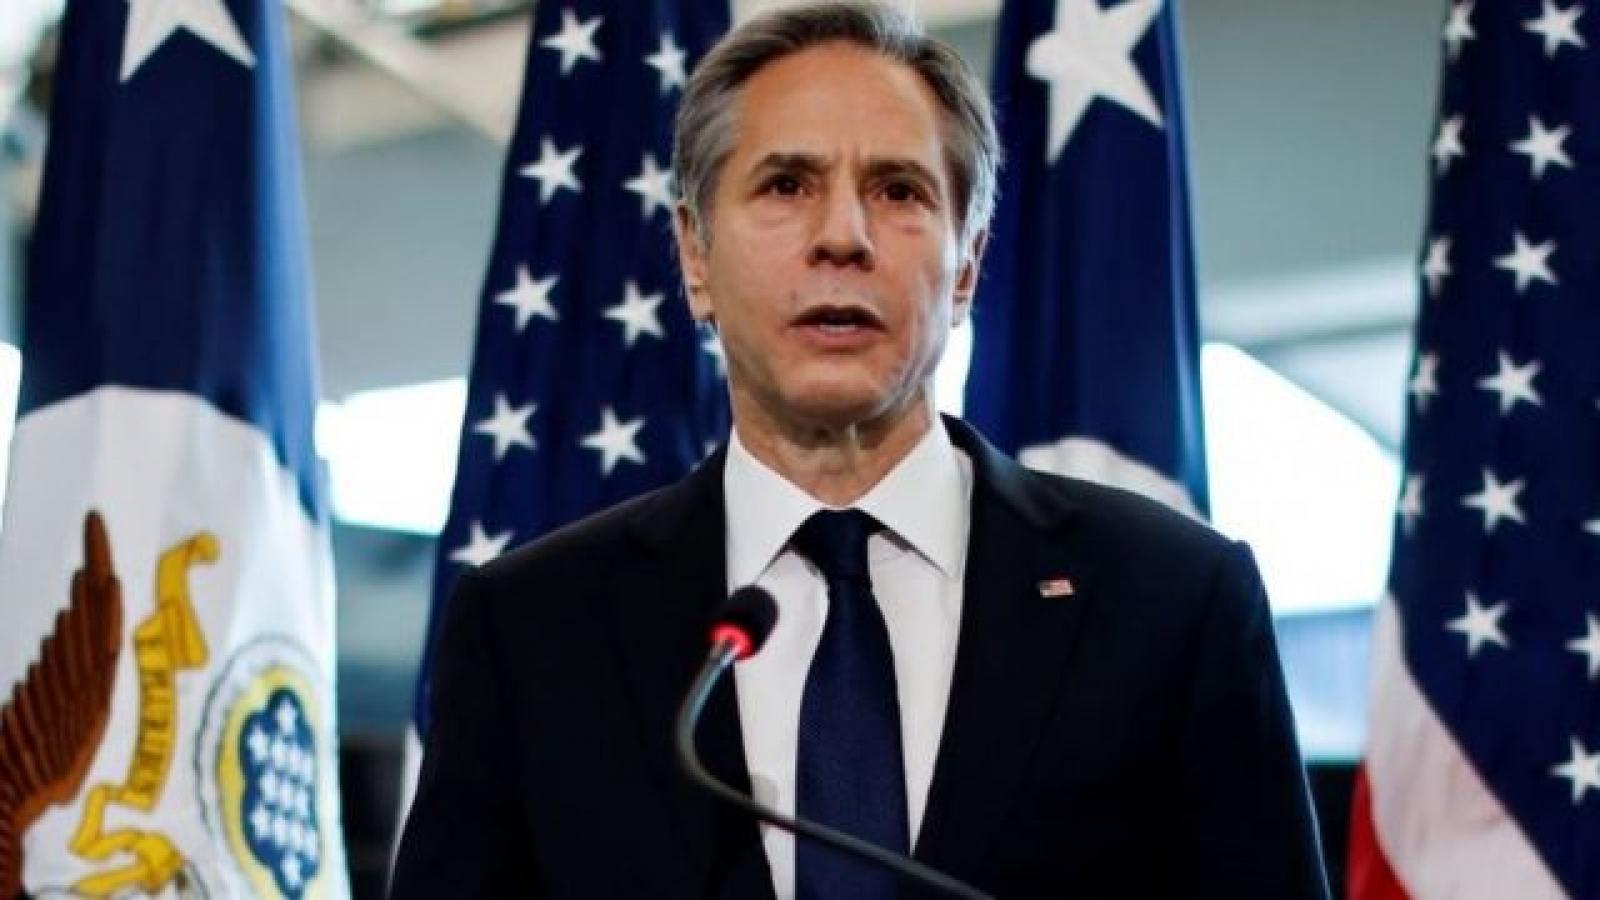 Mỹ tiếp tụcủng hộ phán quyết Biển Đông của Tòa Trọng tài năm 2016